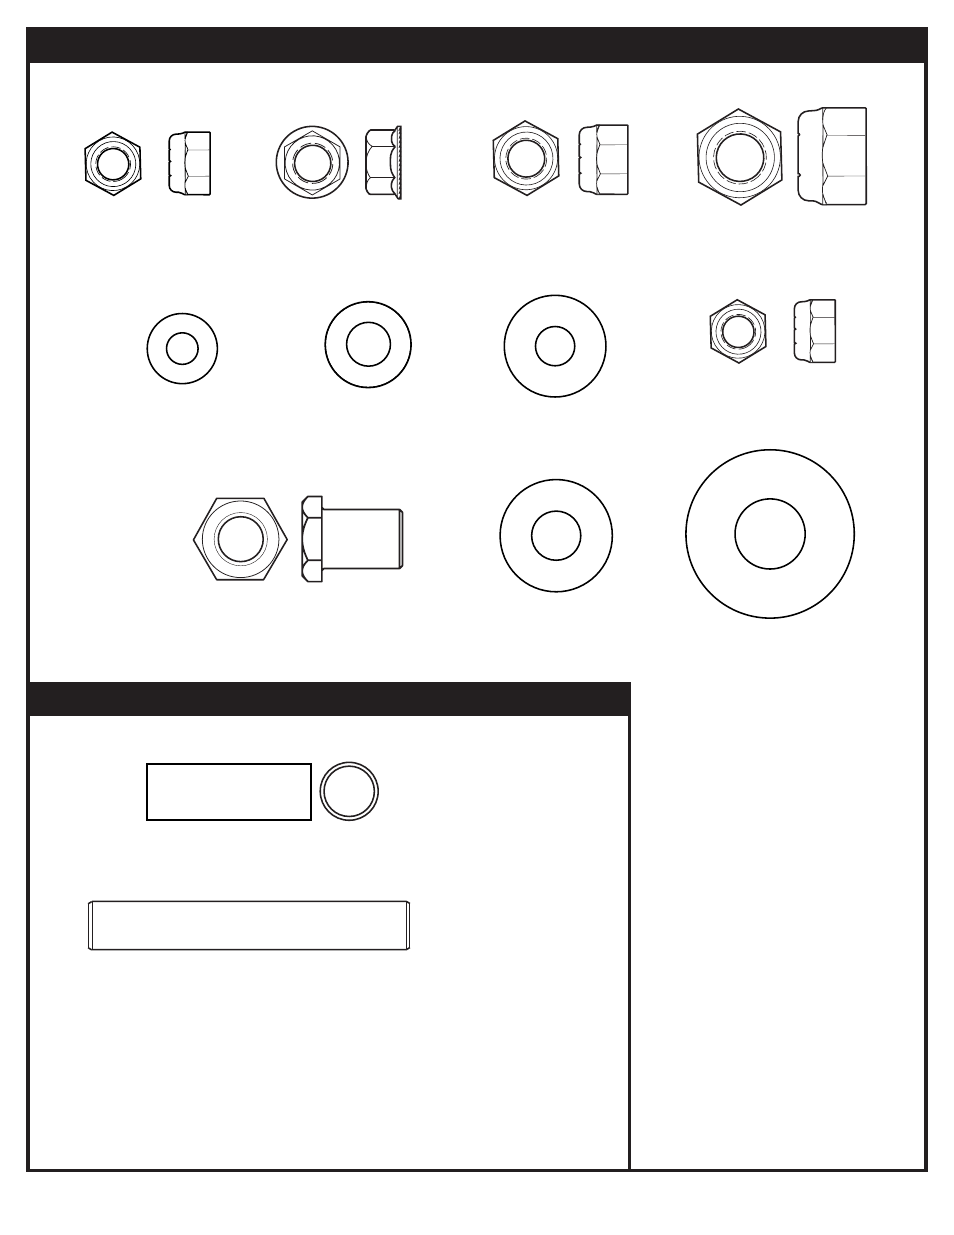 Hardware identifier (nuts & washers), Hardware identifier